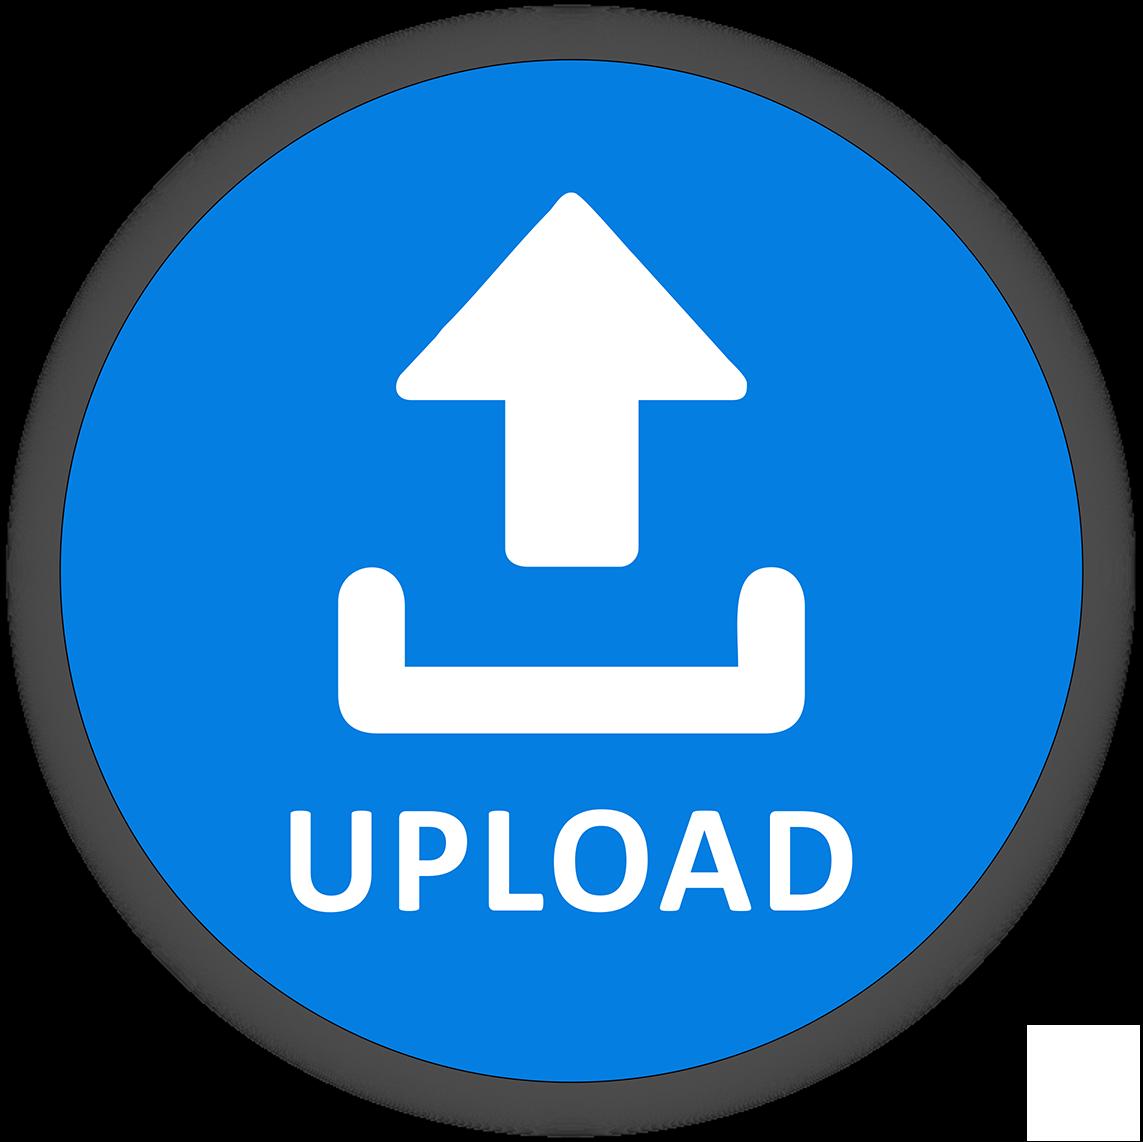 upload.png